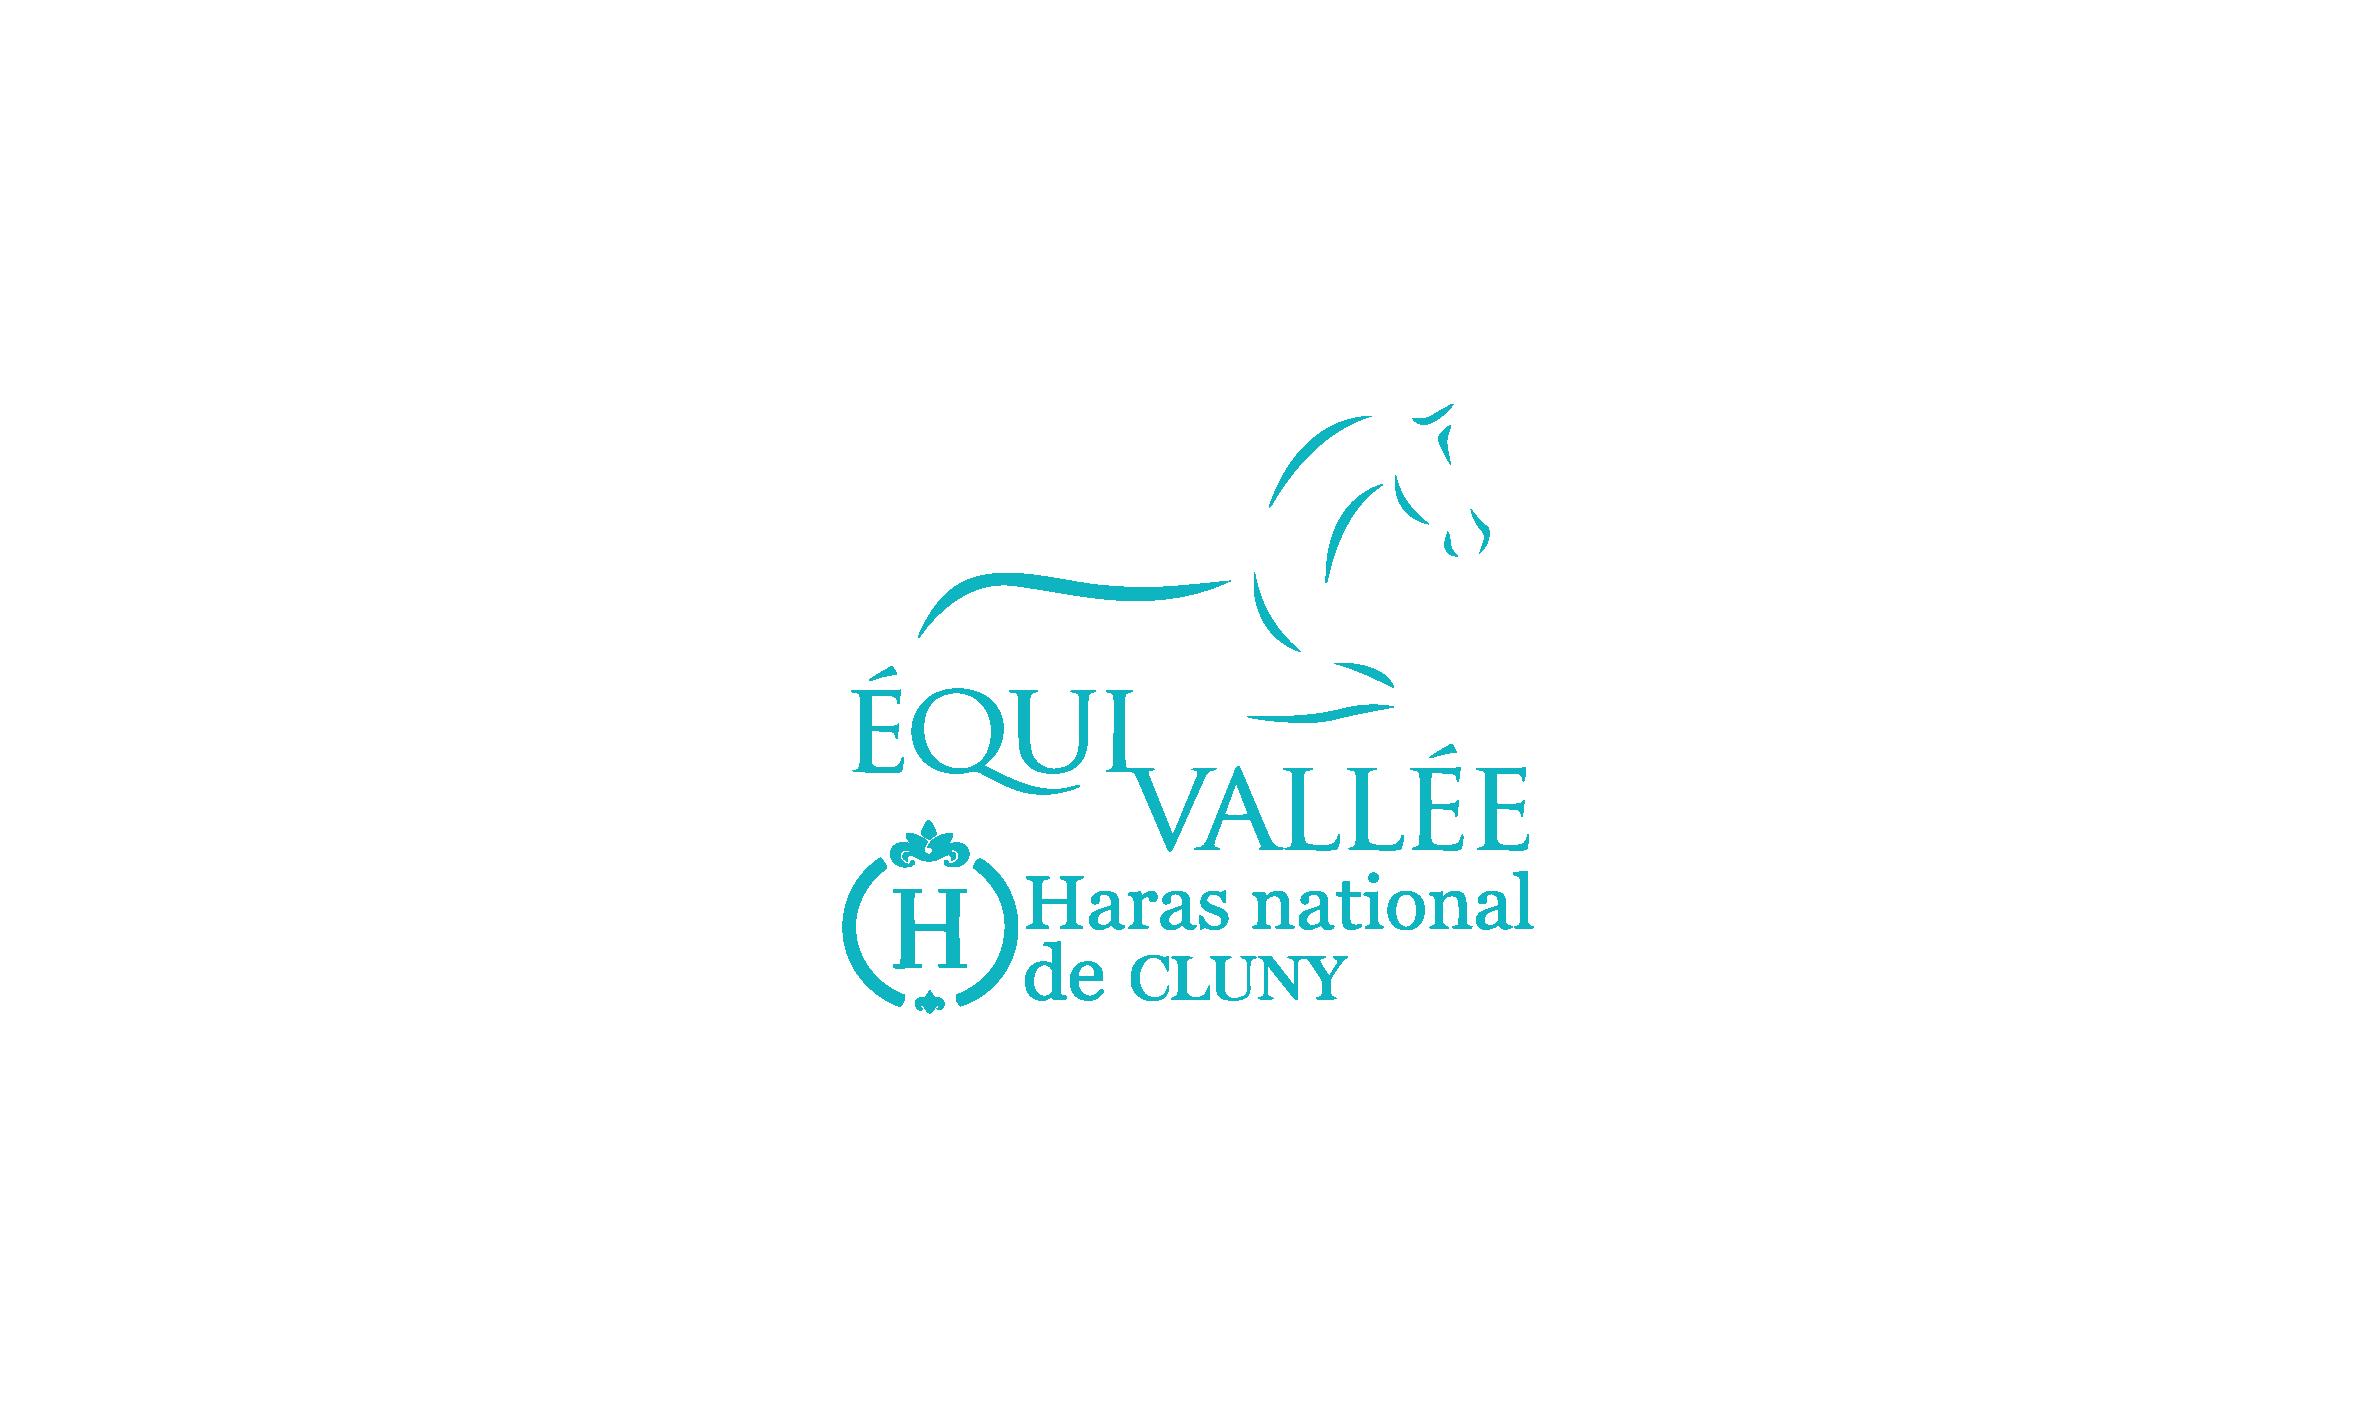 logo Equivallée